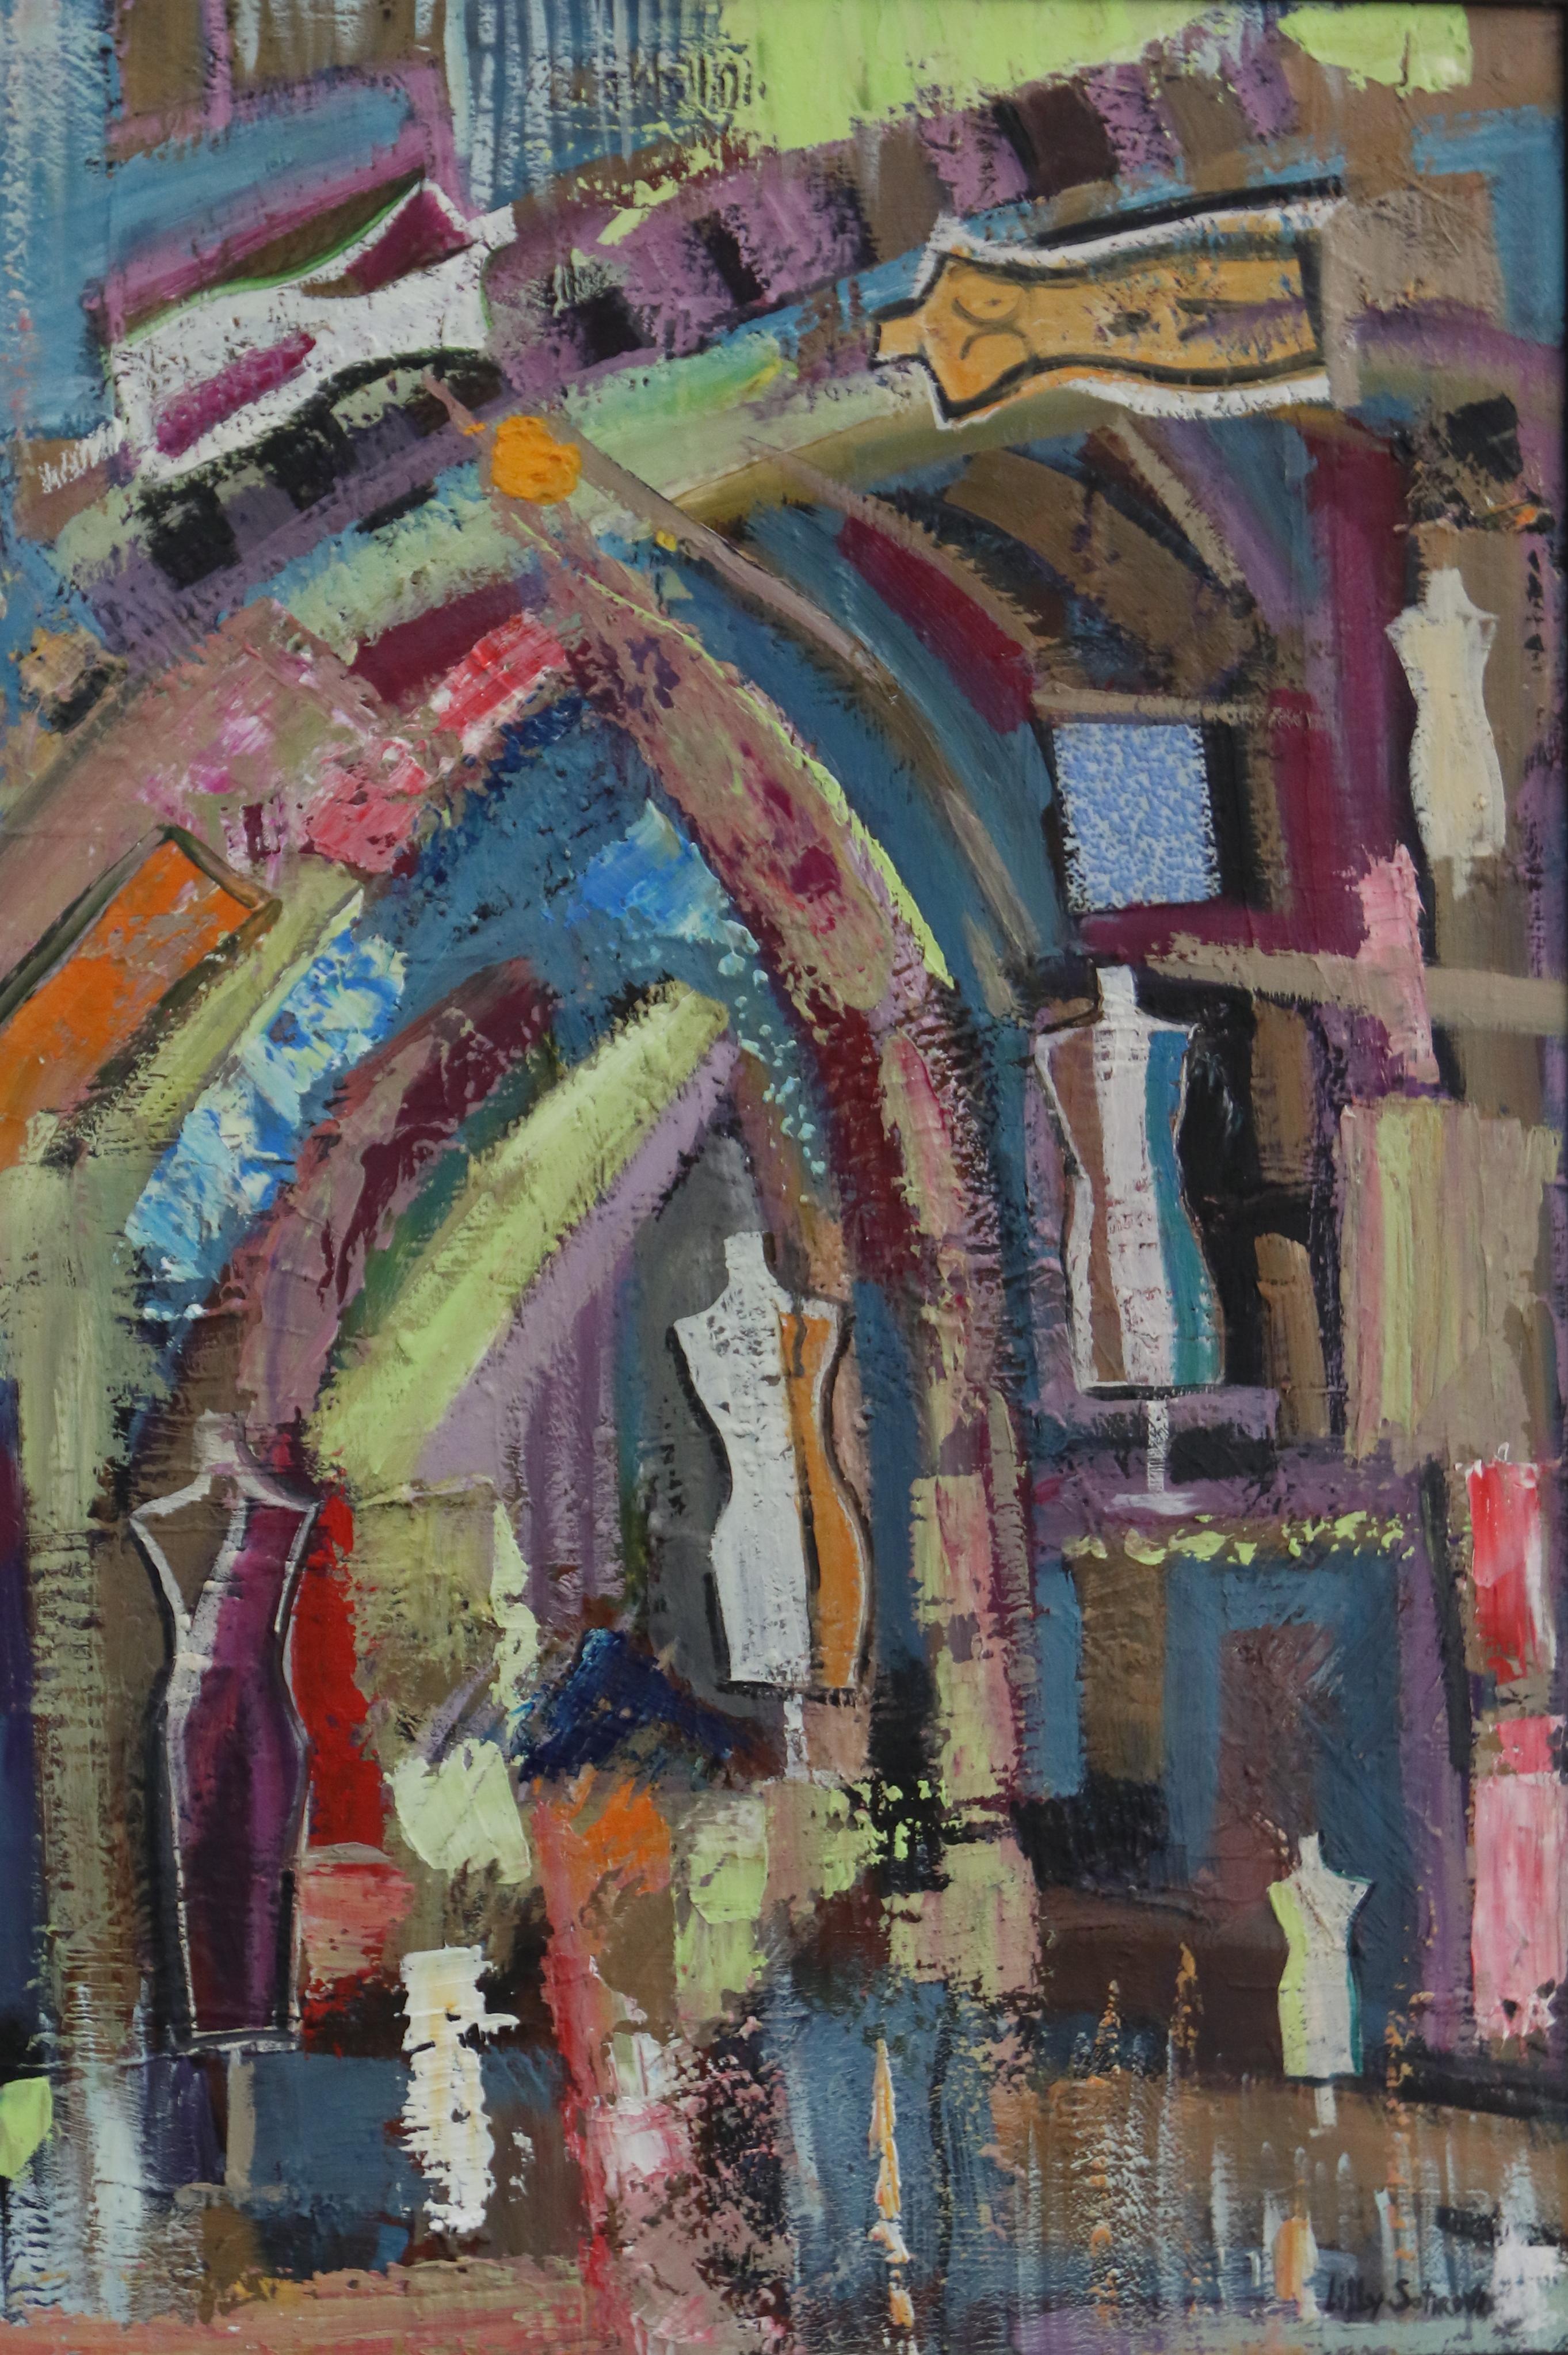 <p>Другите ми Аз</p>  <p>Изложбата живопис &bdquo;Презареждане&ldquo; от Лили Сотирова, може да бъде видяна до 12 март 2020 г. в Галерия &bdquo;Гешов&rdquo; на ул. &bdquo;Сердика&ldquo; №4 в София</p>